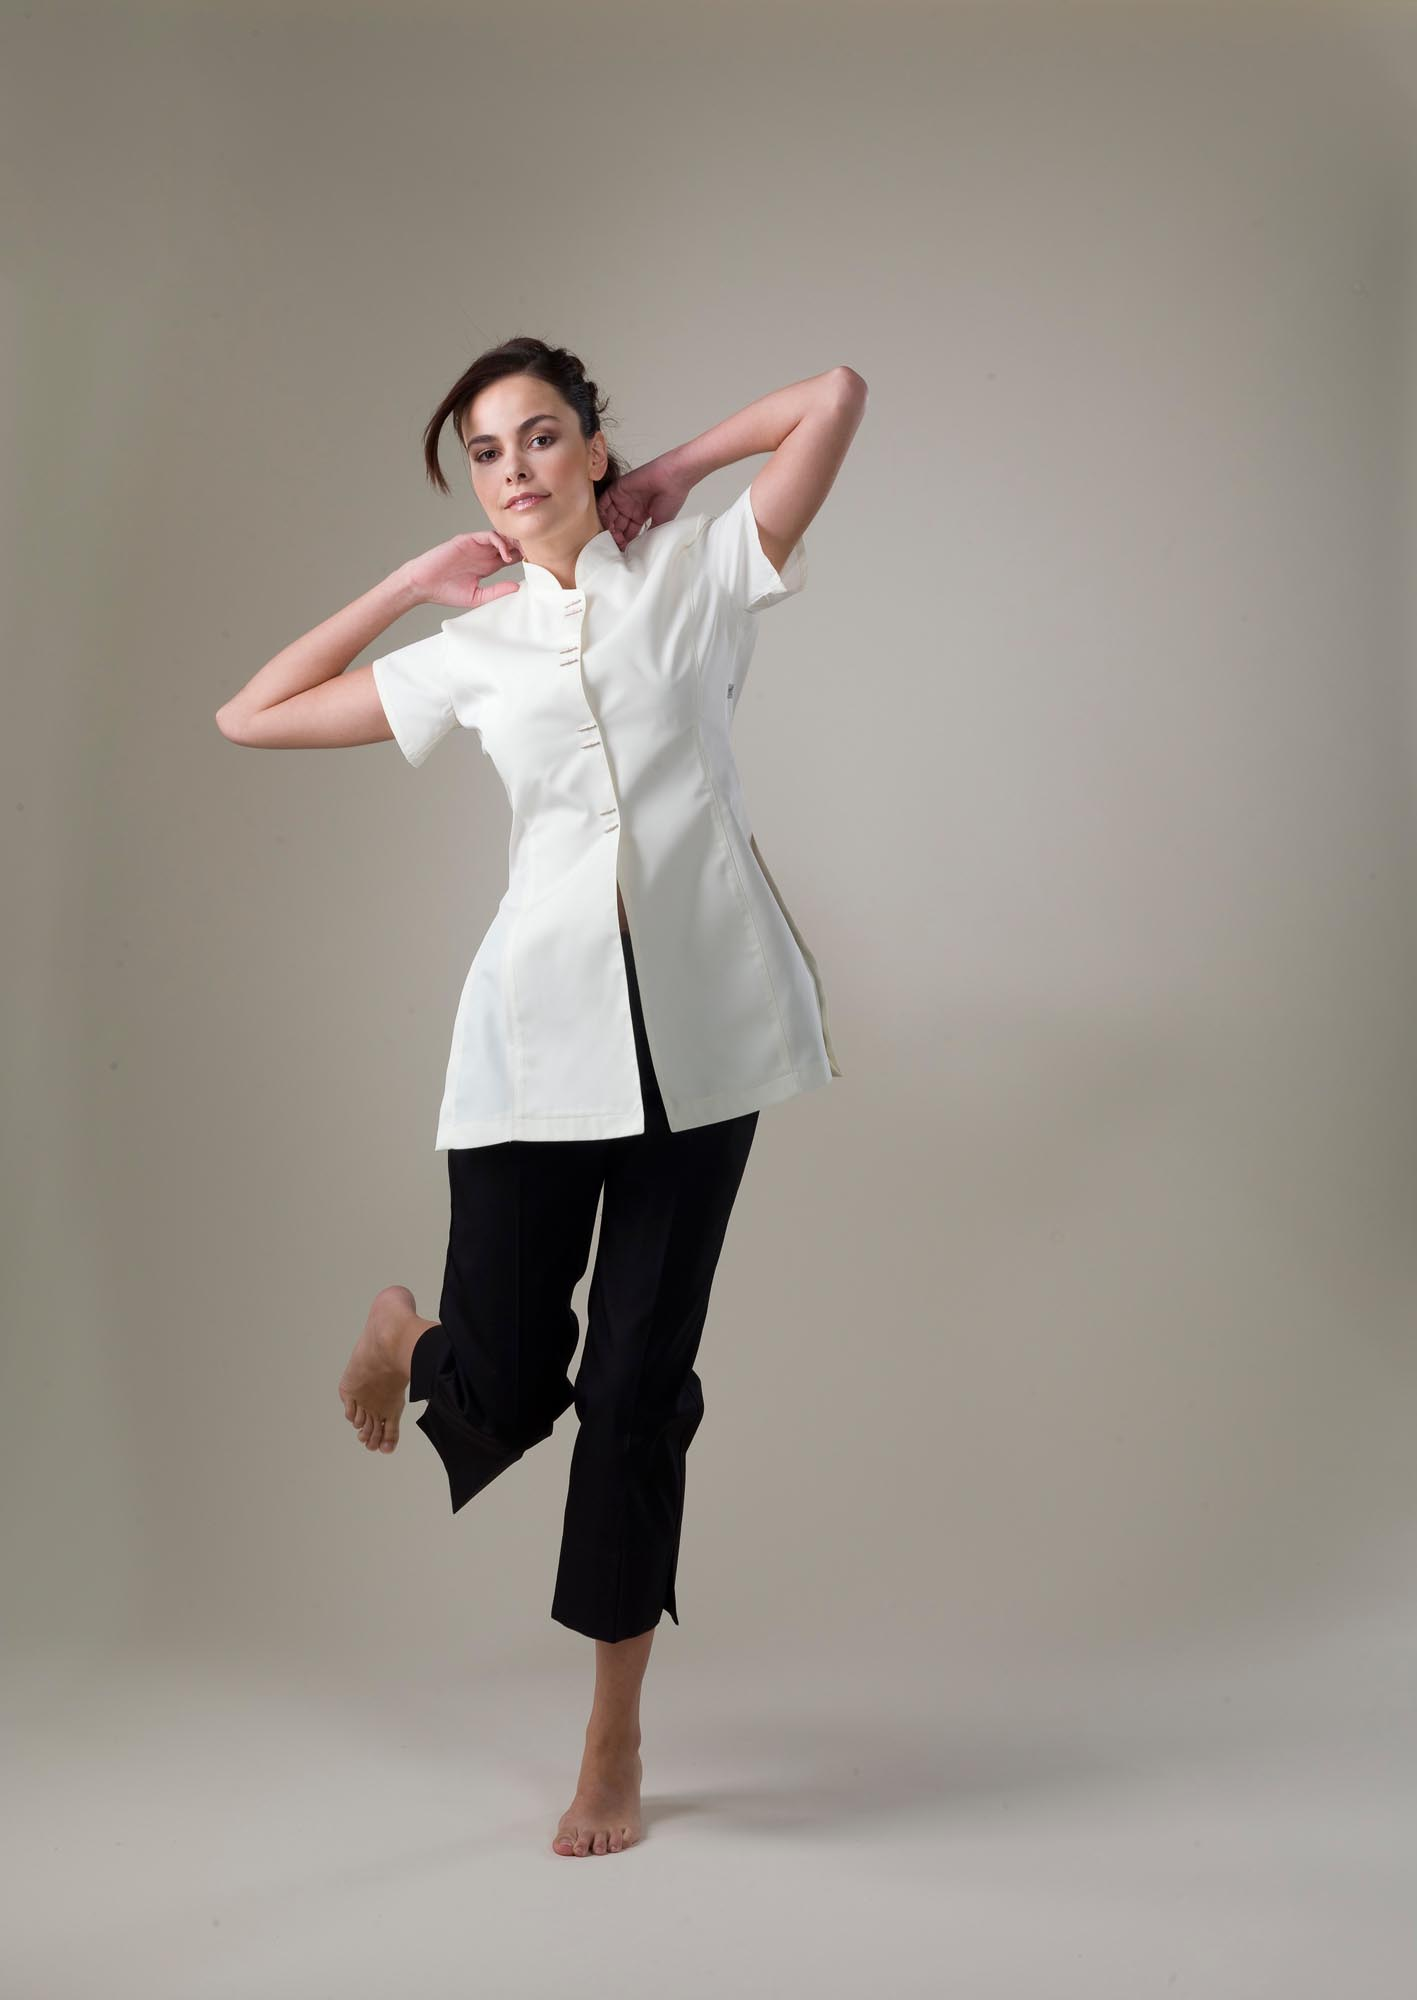 Zoe top monique mathieu paris for Spa uniform pictures